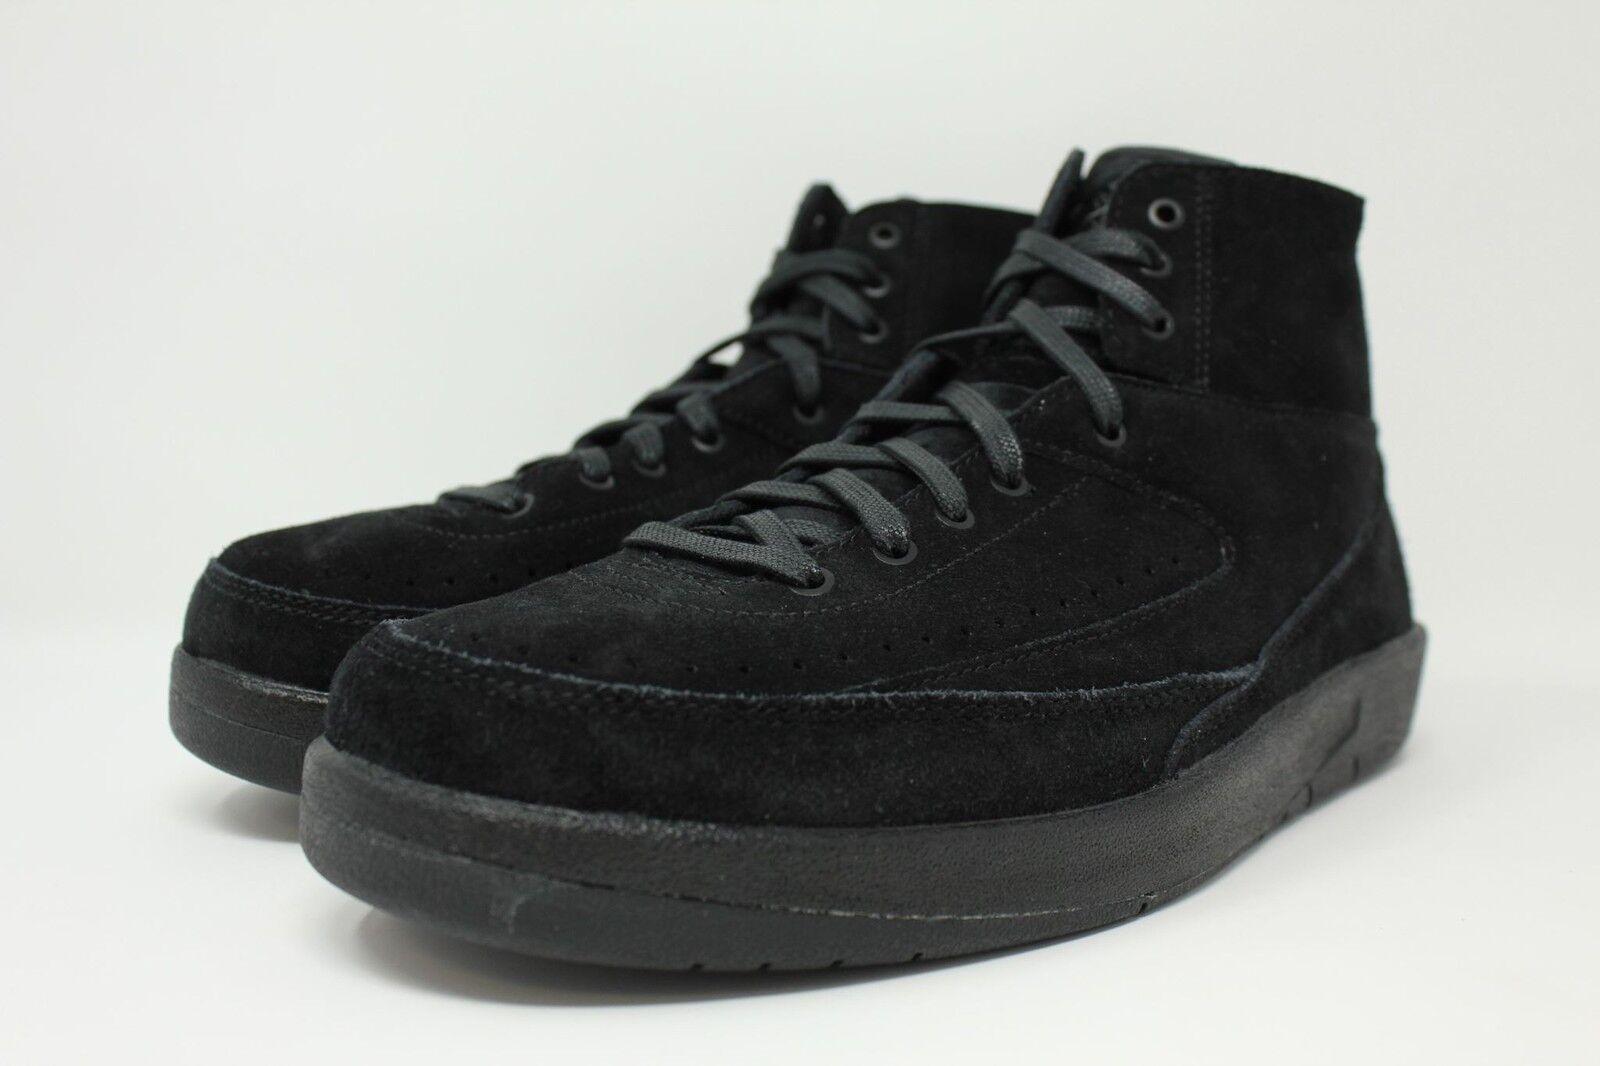 Air Jordan 2 Retro Decon Black Suede Men SZ 7.5 - 13